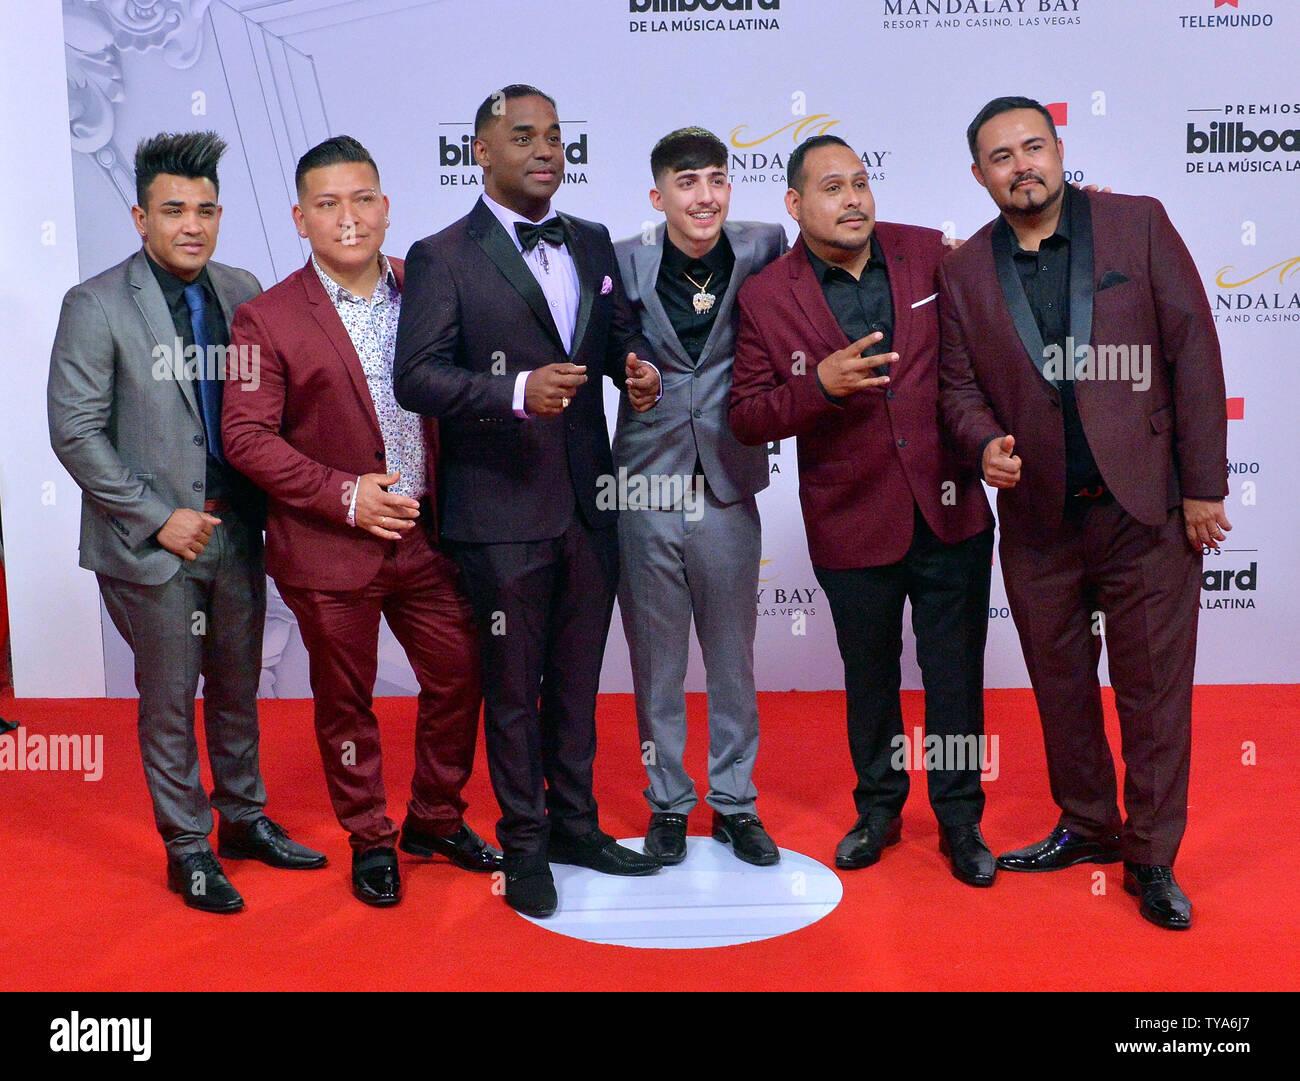 T3R Elemento assiste la XXVI edizione Billboard Latin Music Awards al Mandalay Bay Events Centre di Las Vegas, Nevada, il 25 aprile 2019. Foto di Jim Ruymen/UPI Immagini Stock